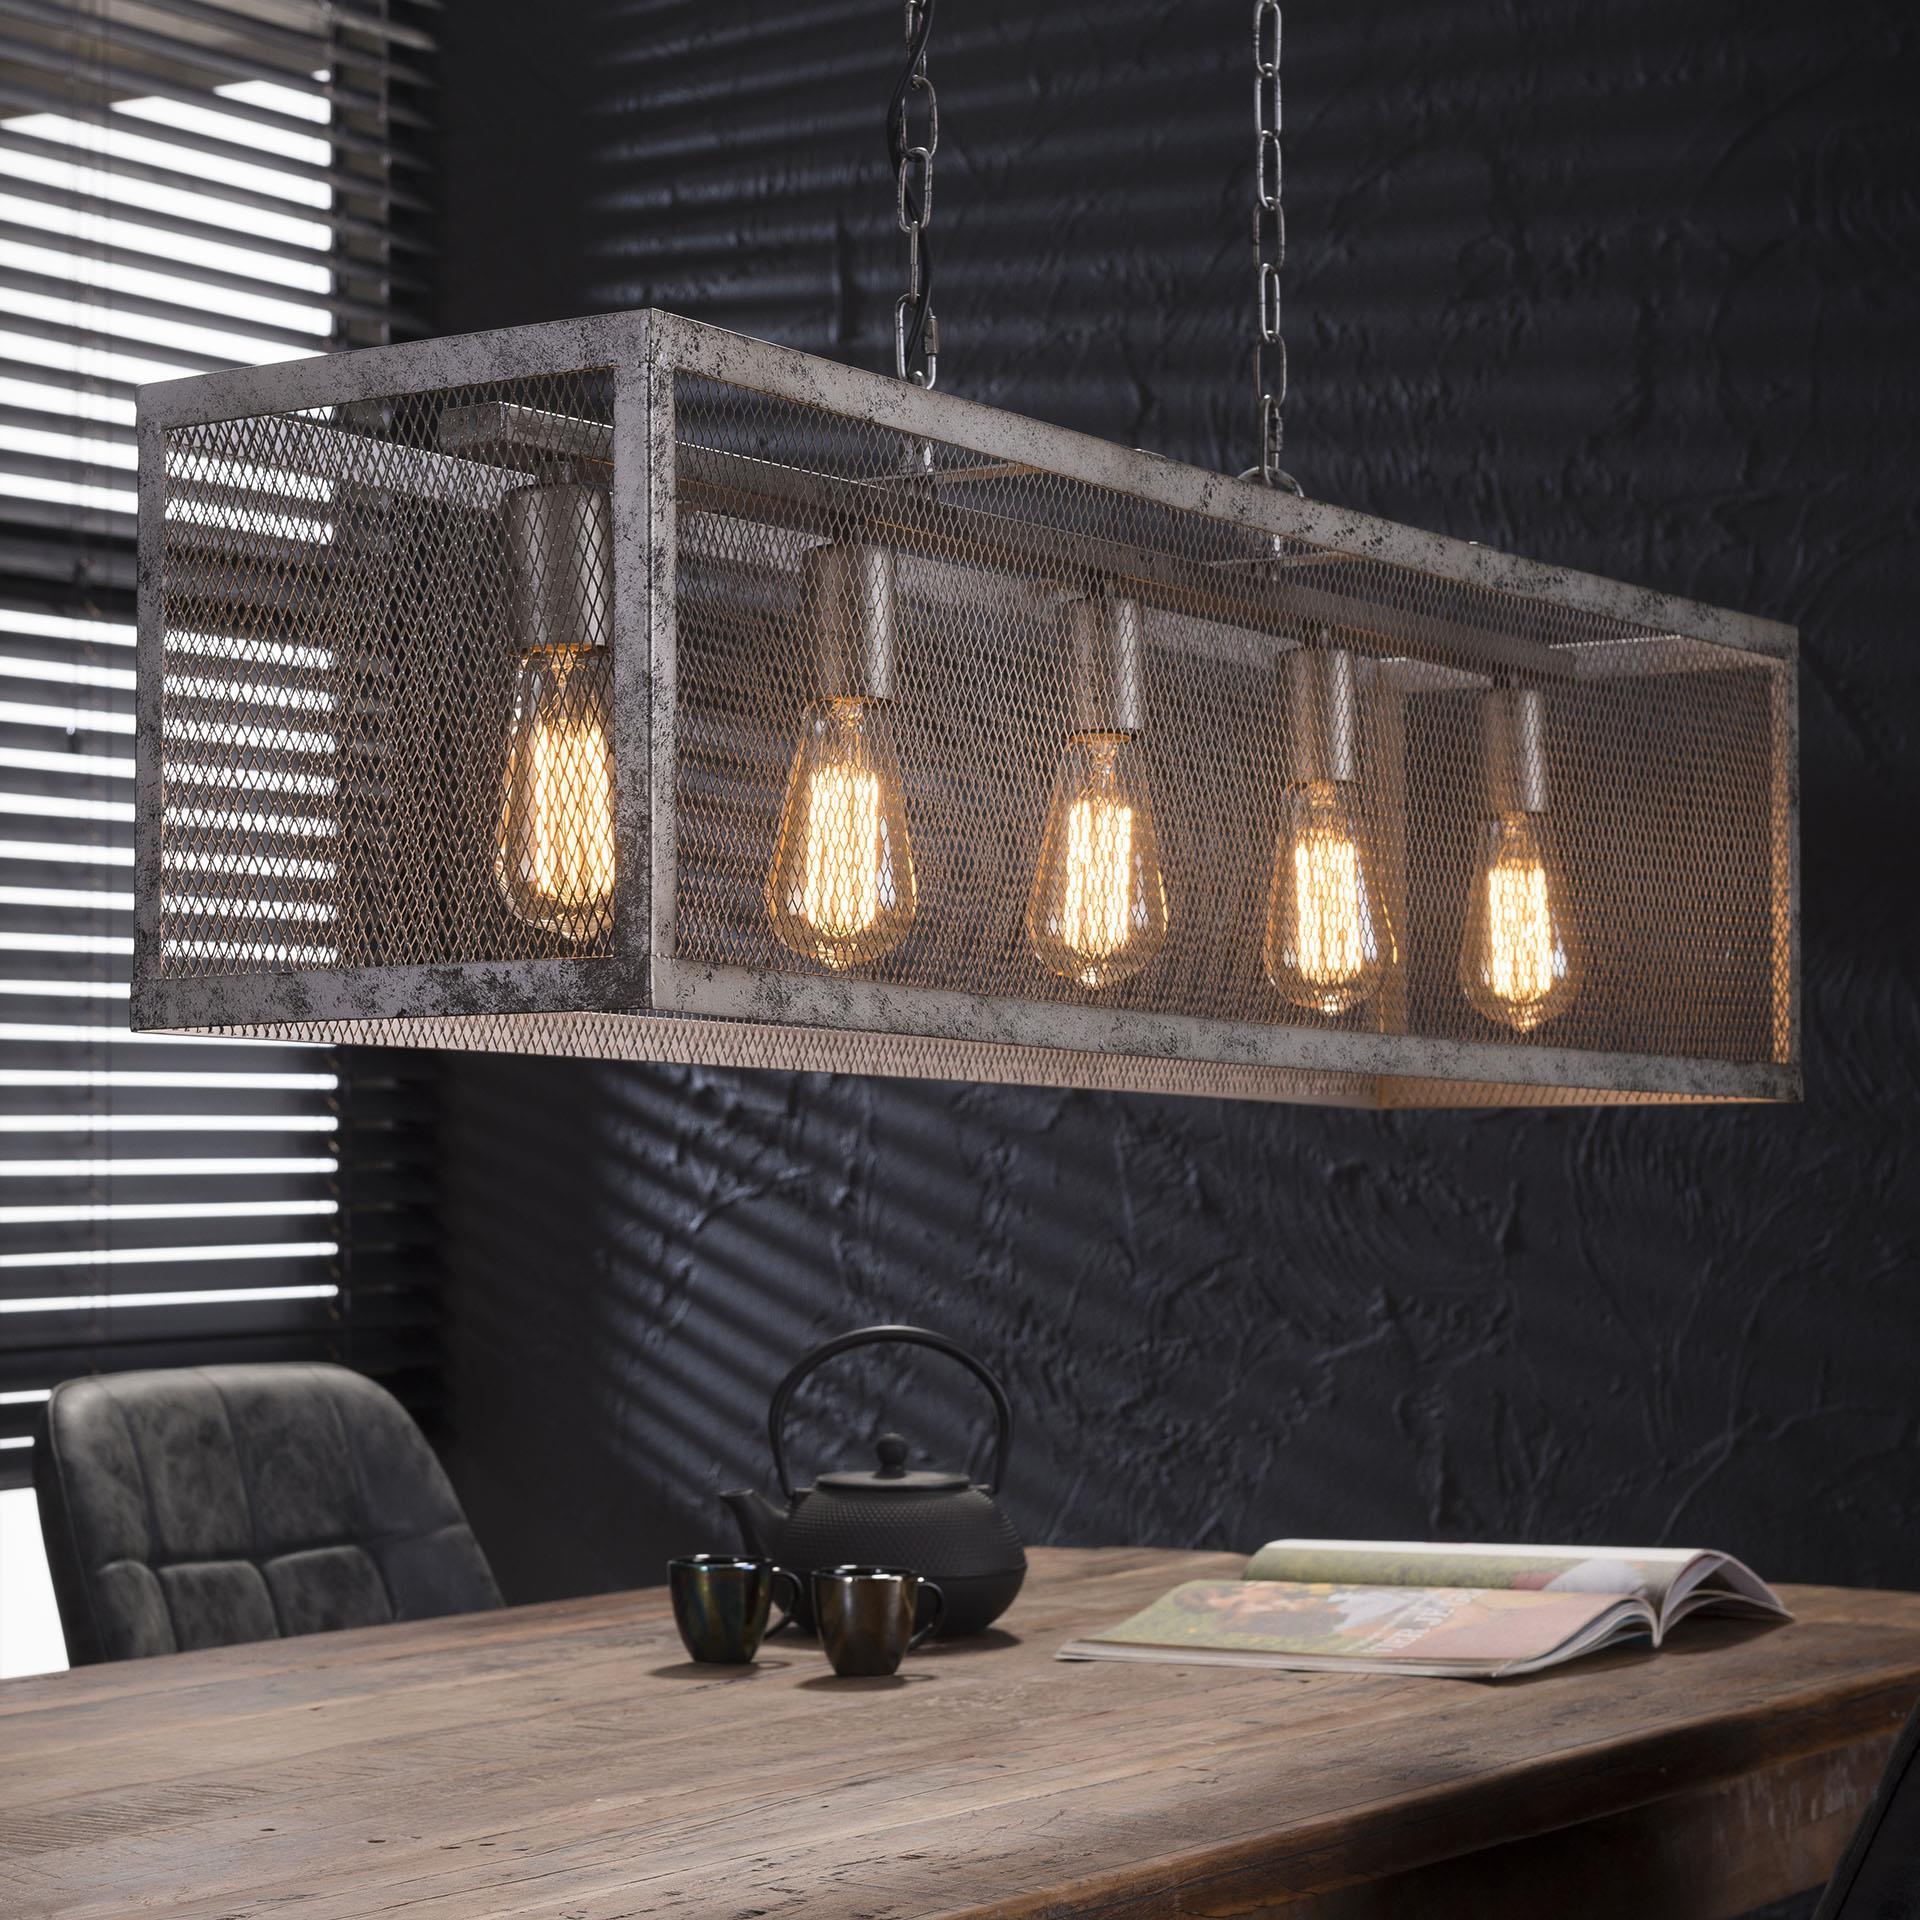 Industriële Hanglamp 'Matt' 5-lamps Verlichting | Hanglampen kopen